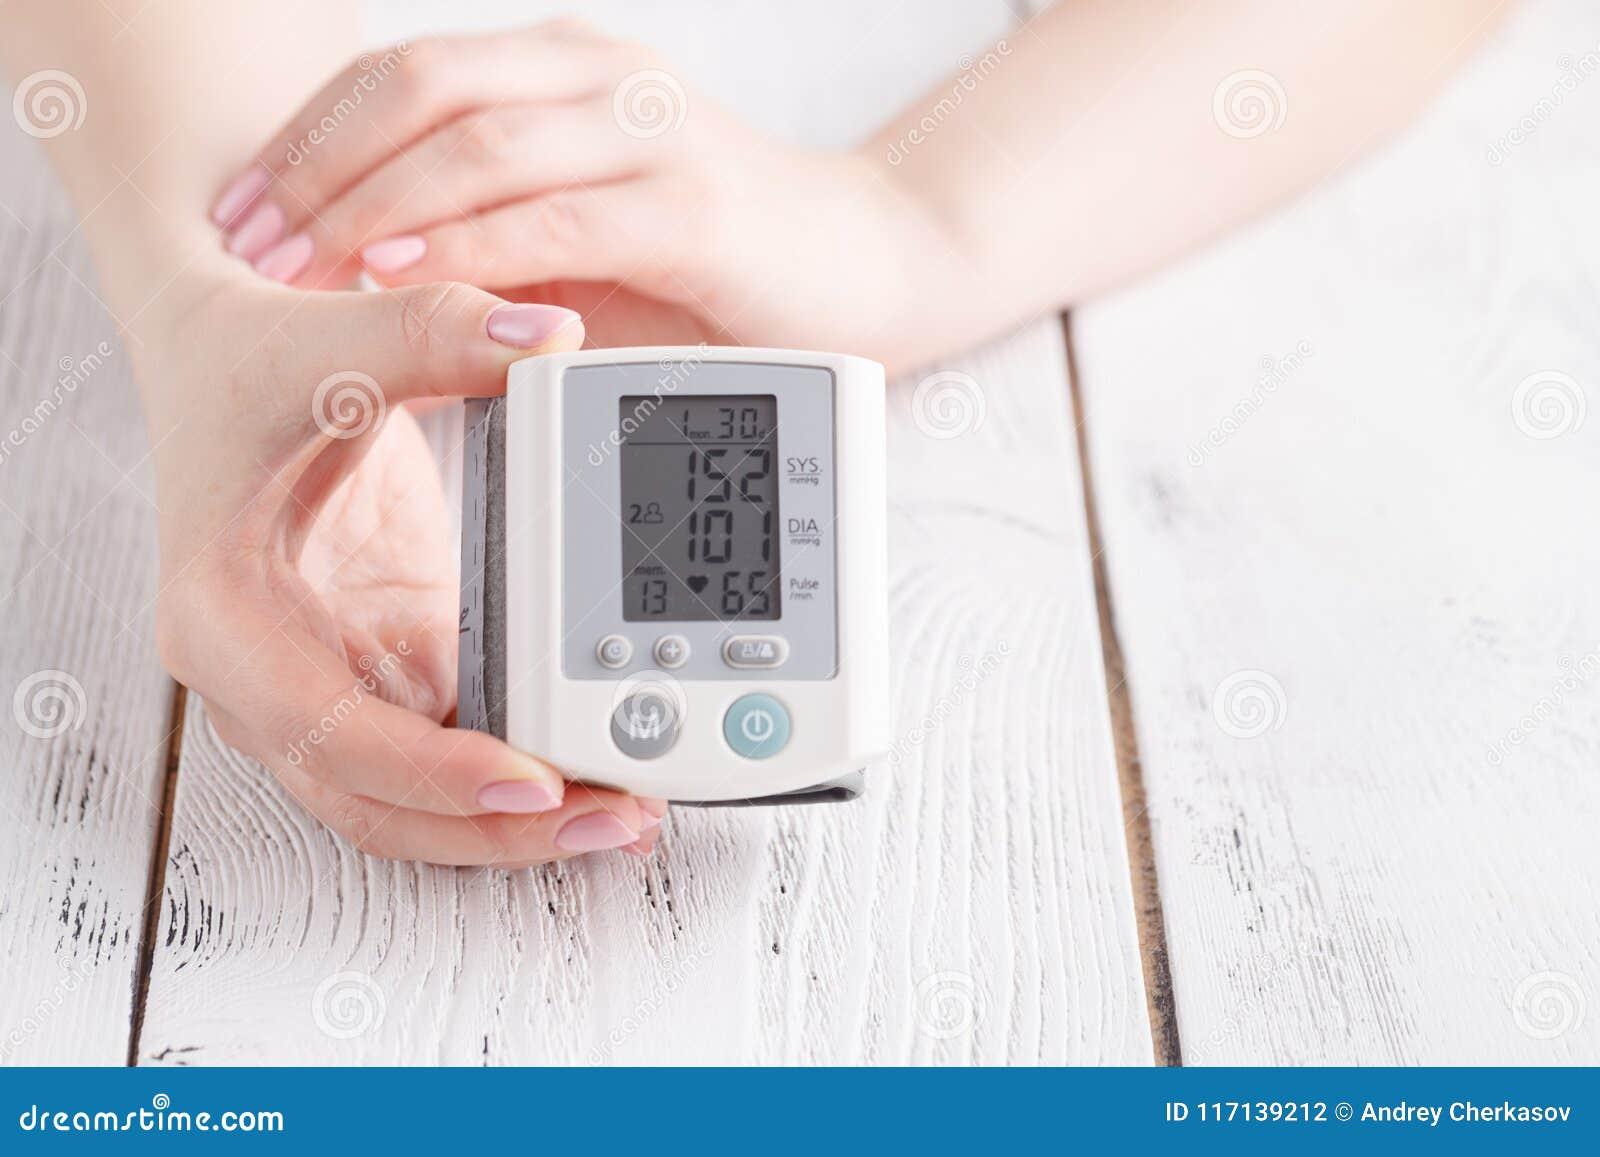 Medición de la presión arterial en español